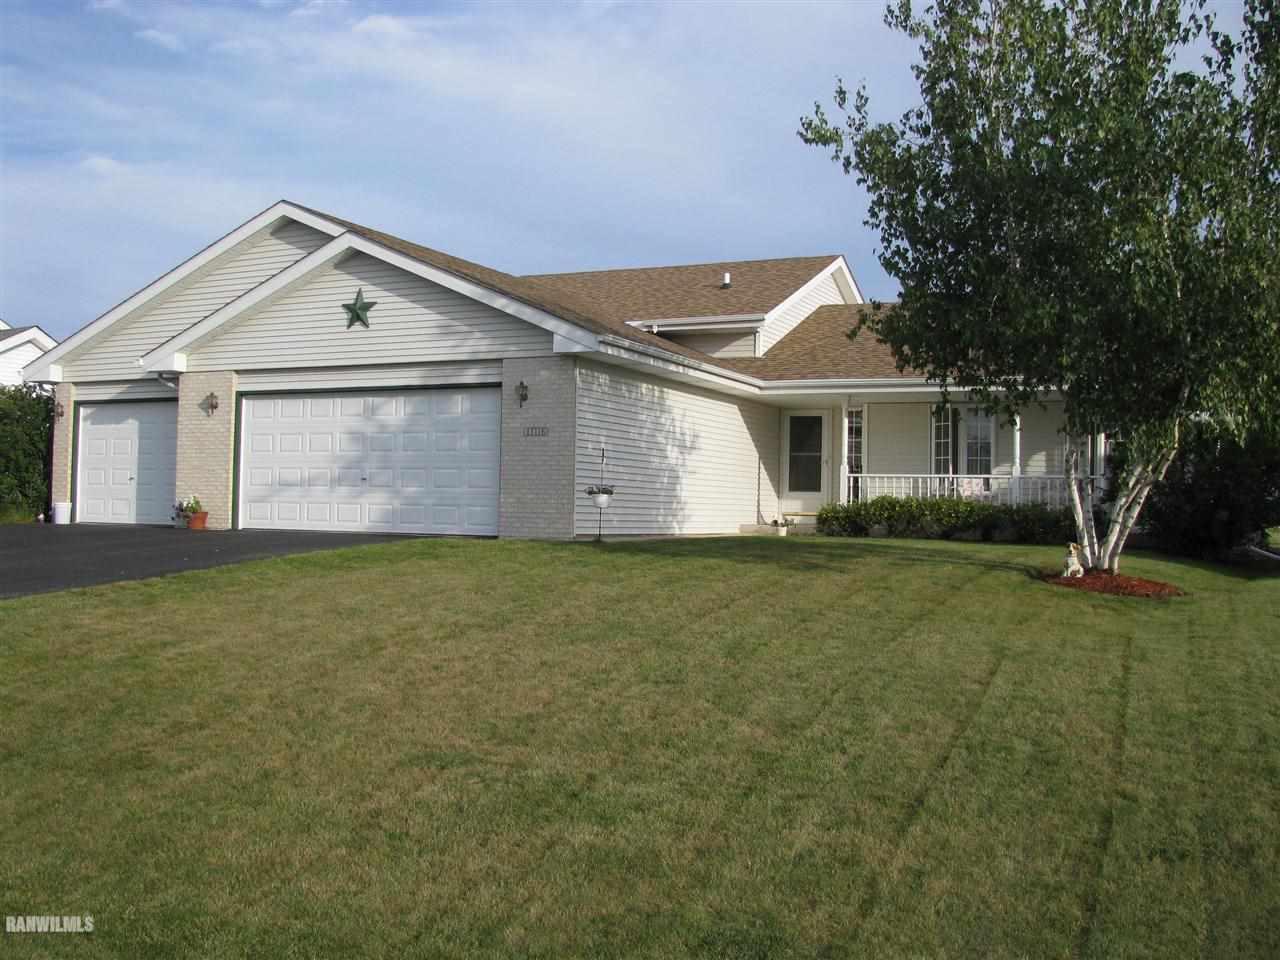 13116 Spring Hill Dr, Winnebago, IL 61088